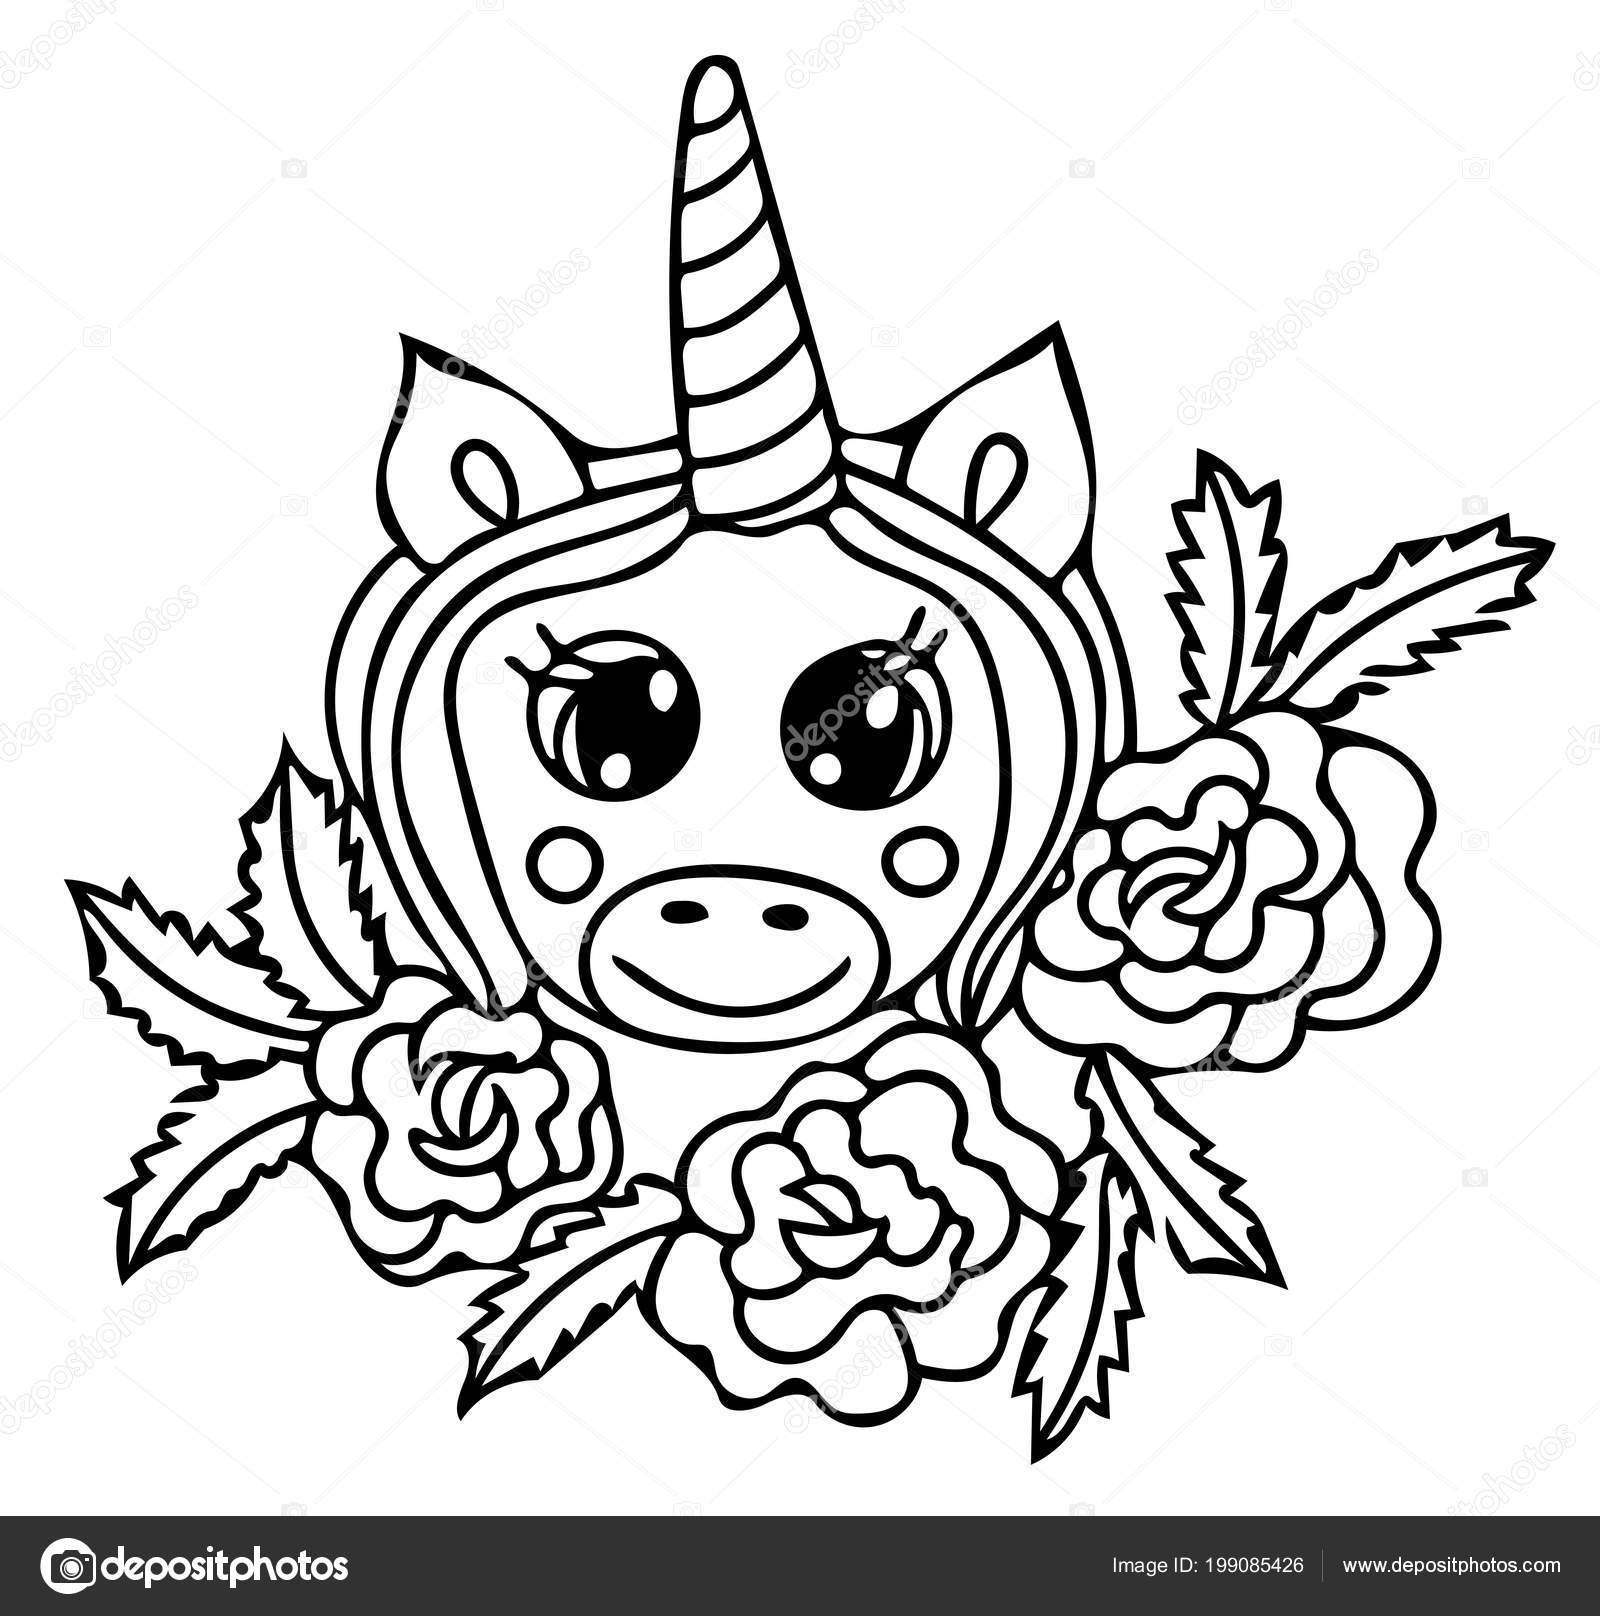 Kleurplaten Unicorn.Unicorn Zwarte Lijn Geisoleerd Magisch Leuk Dier Vectorillustraties